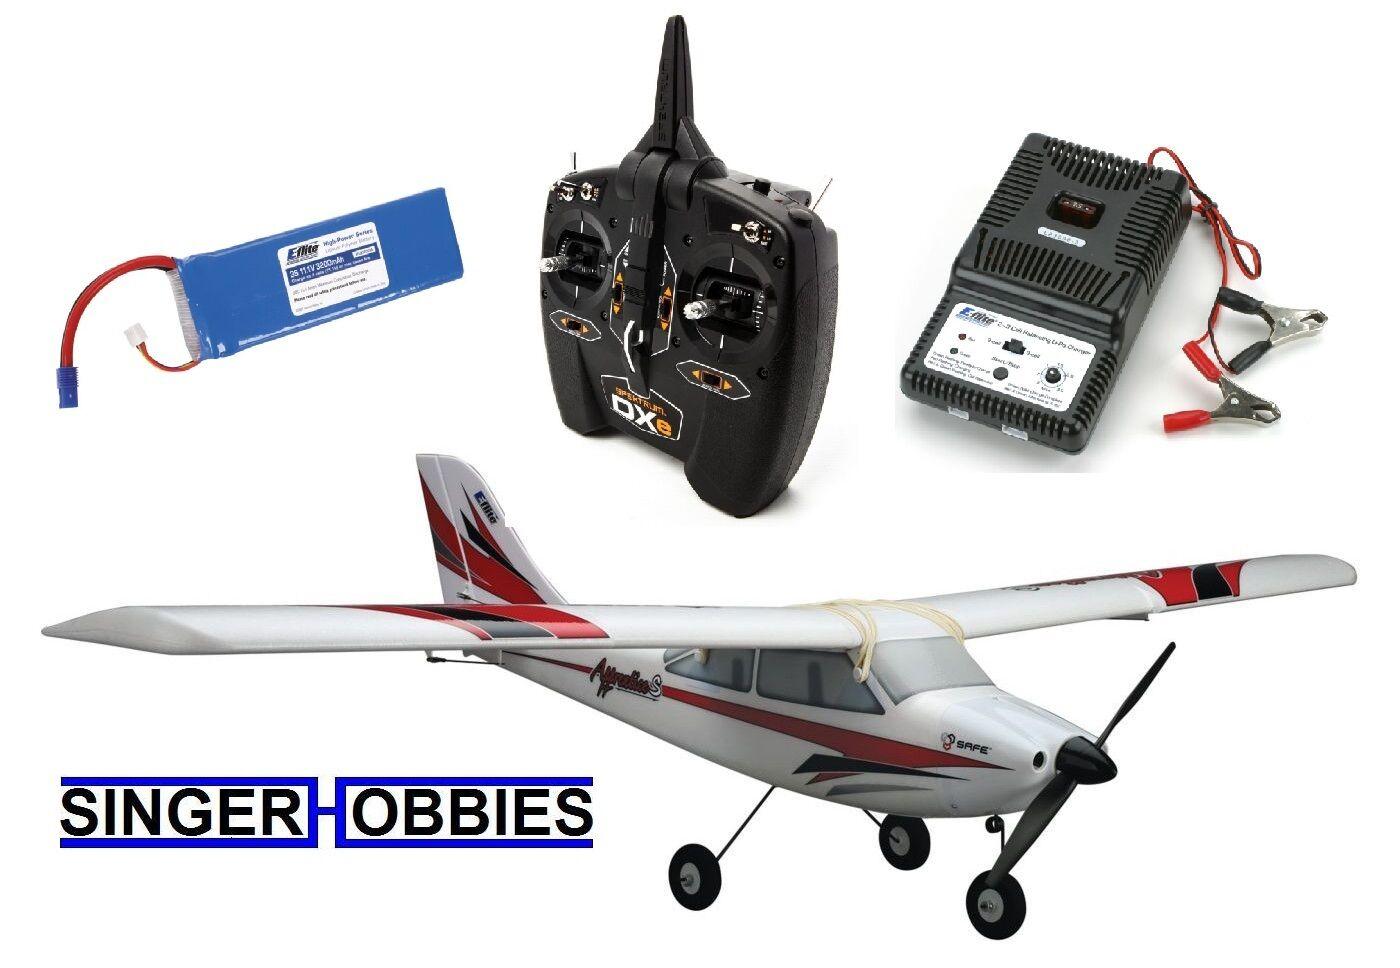 E-Flite RTF Apprentice S 15e seguro Radio Control avión DXE radio EFL3100E Hh